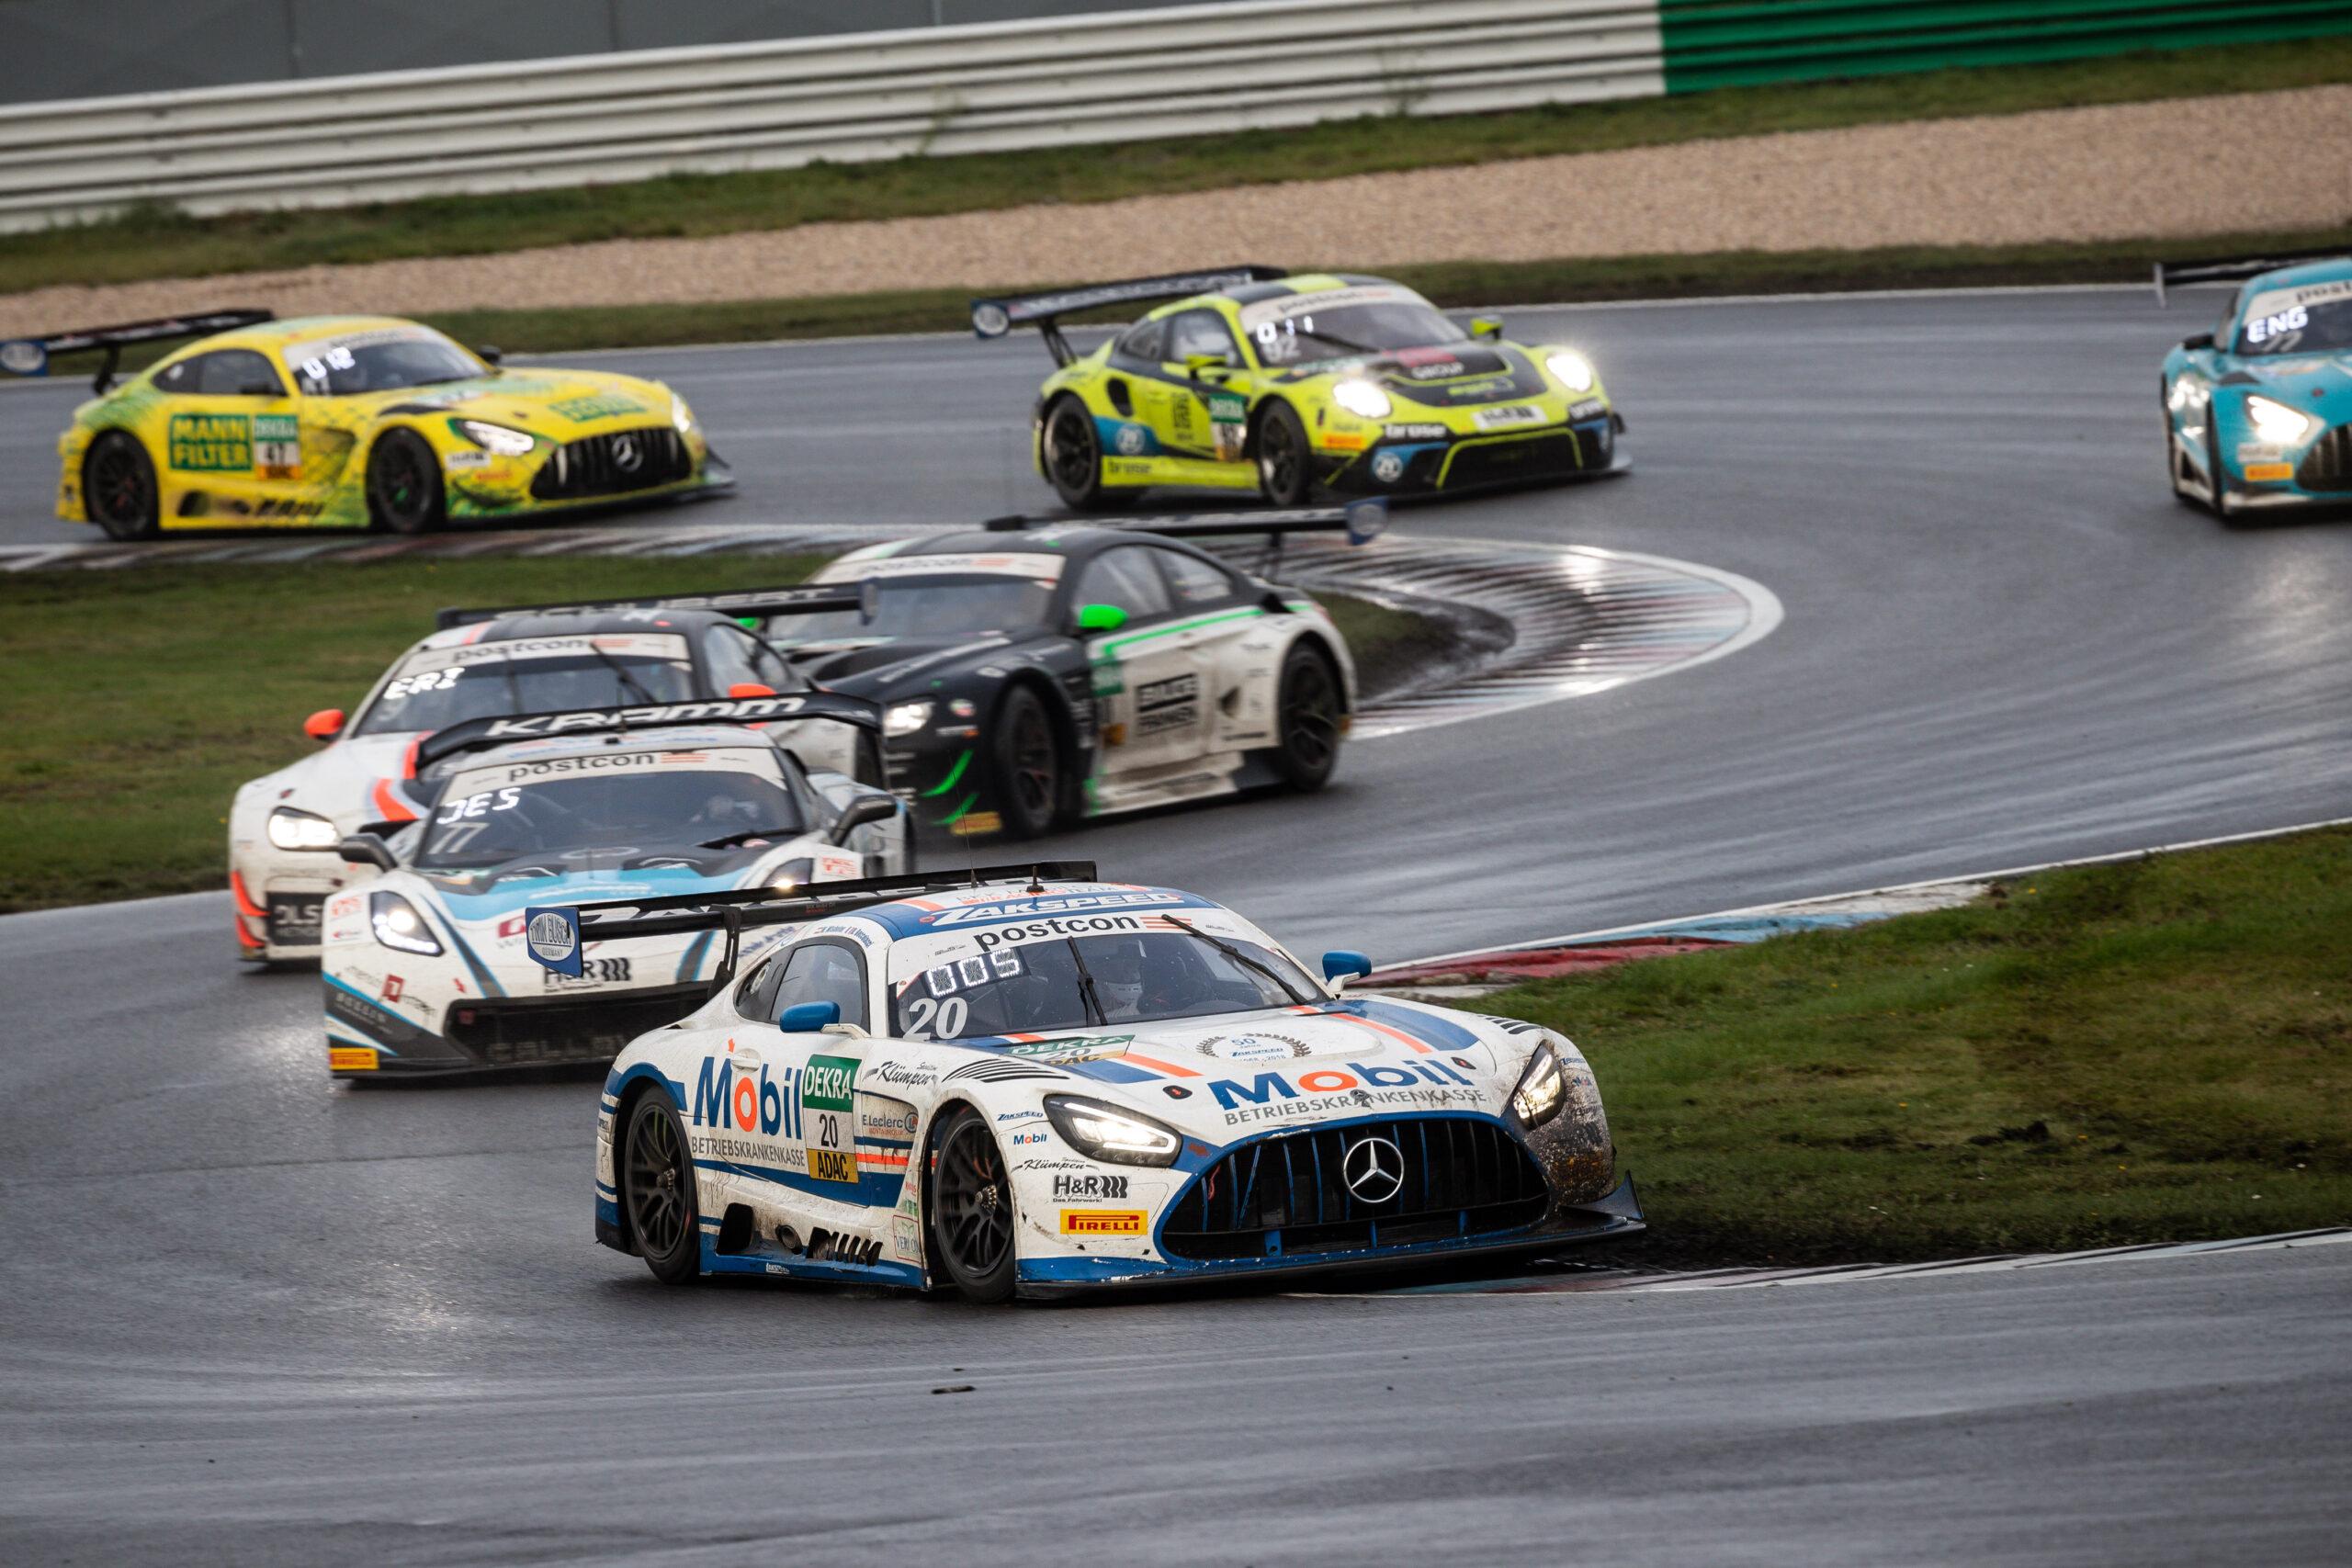 Team Zakspeed gewinnt überraschend am Lausitzring